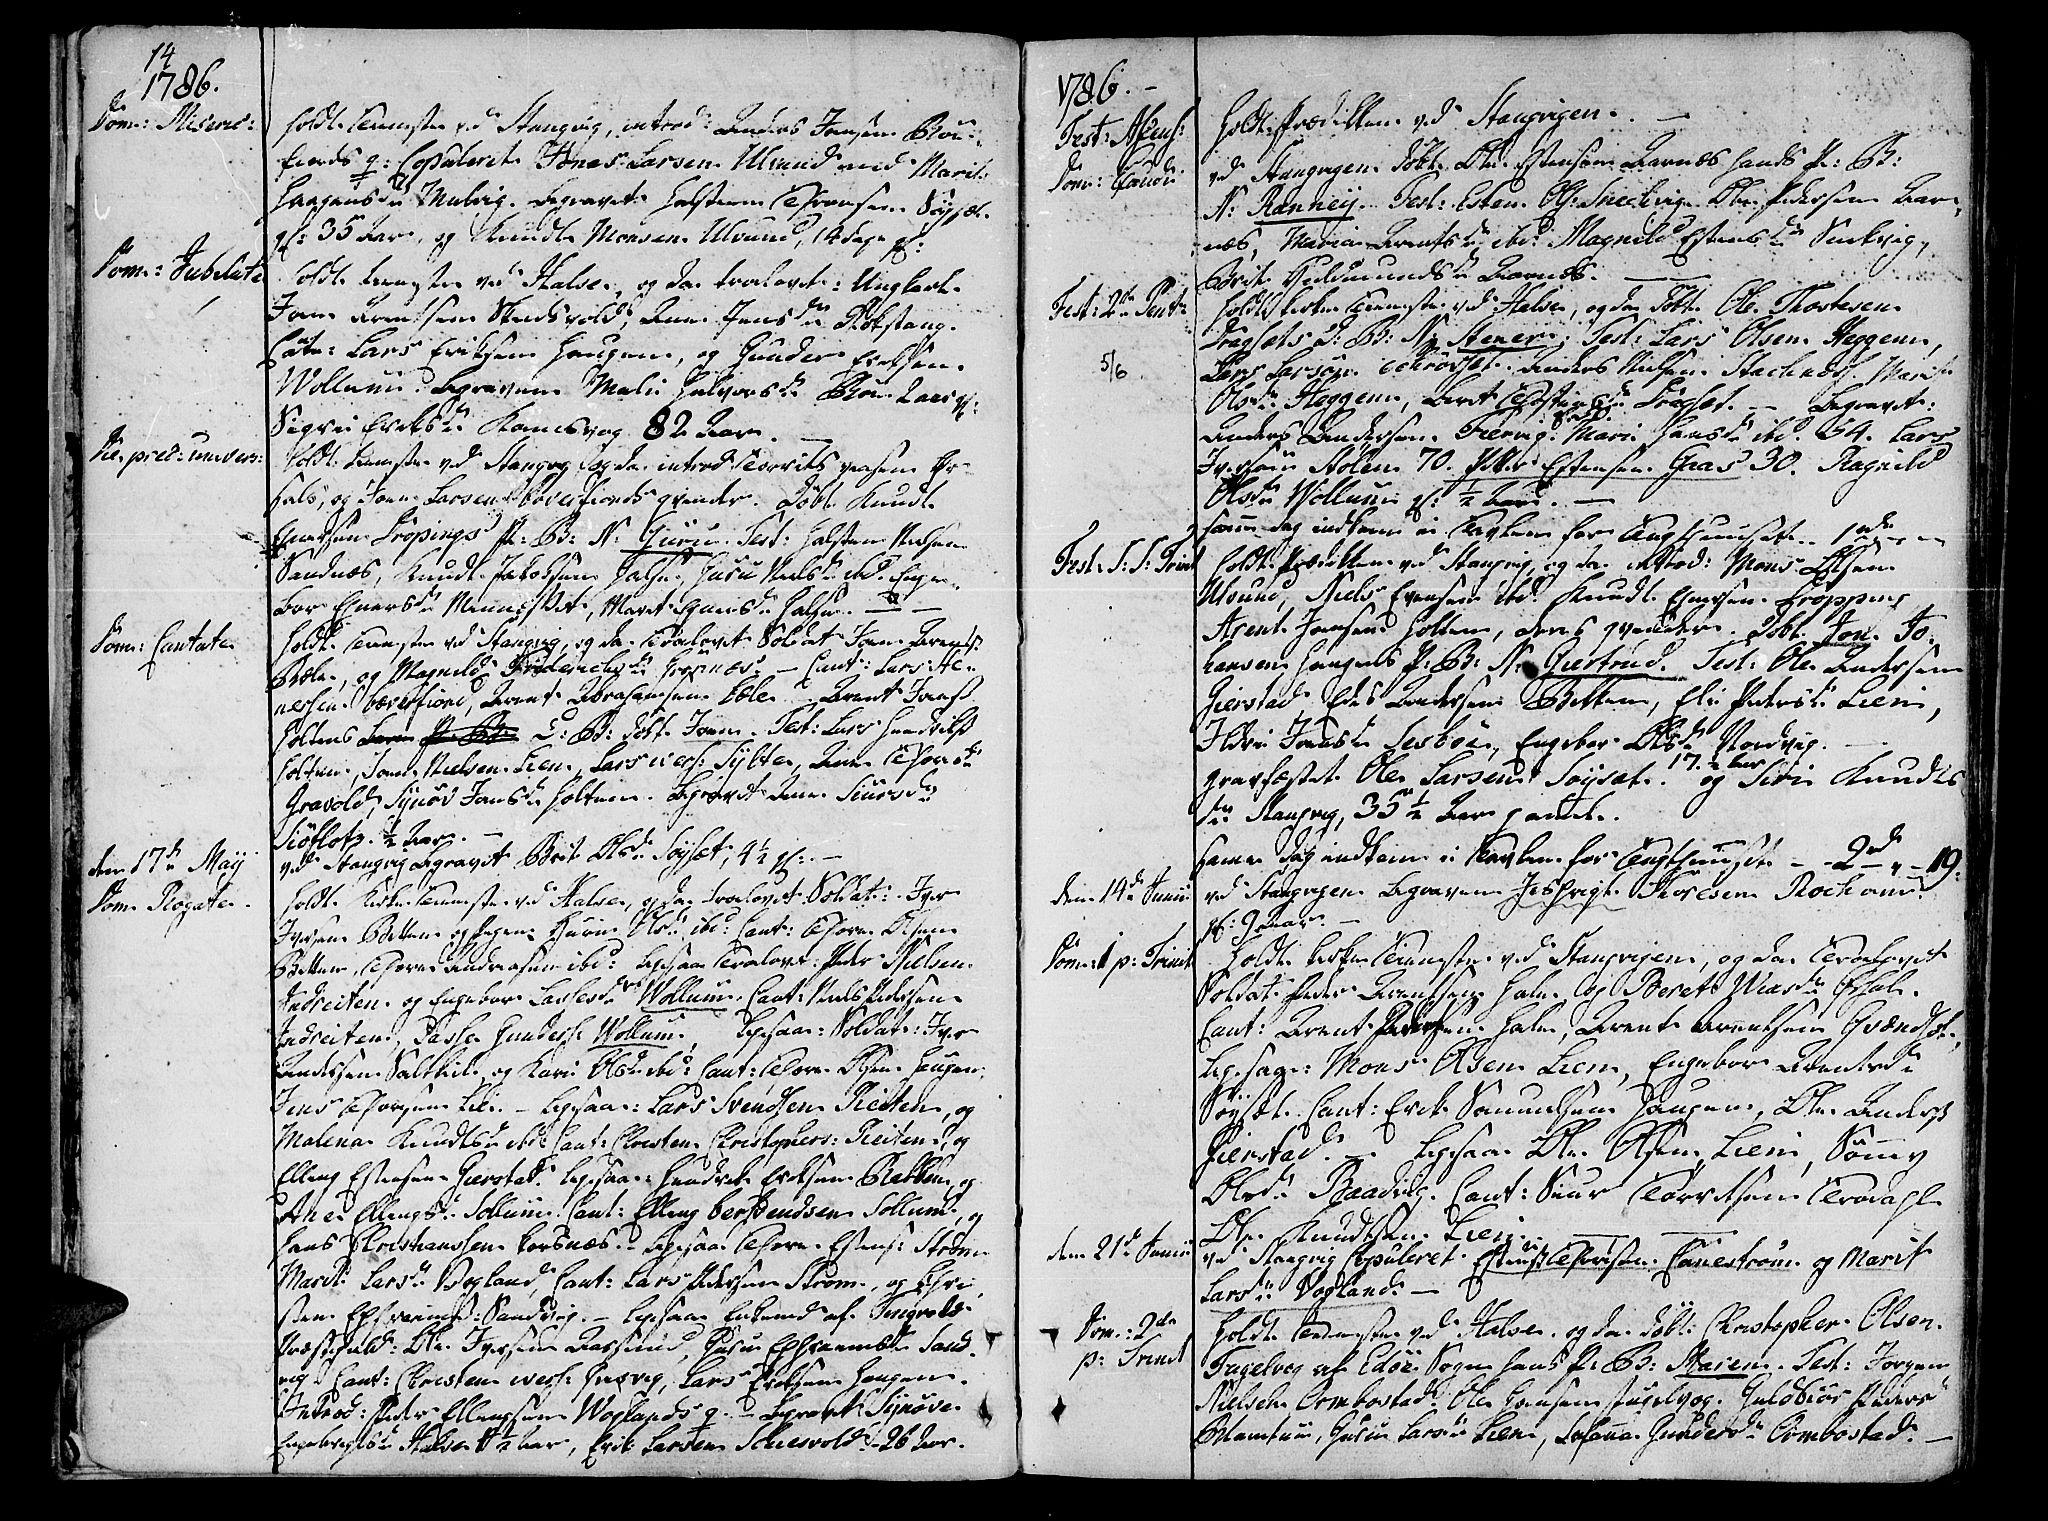 SAT, Ministerialprotokoller, klokkerbøker og fødselsregistre - Møre og Romsdal, 592/L1022: Ministerialbok nr. 592A01, 1784-1819, s. 14